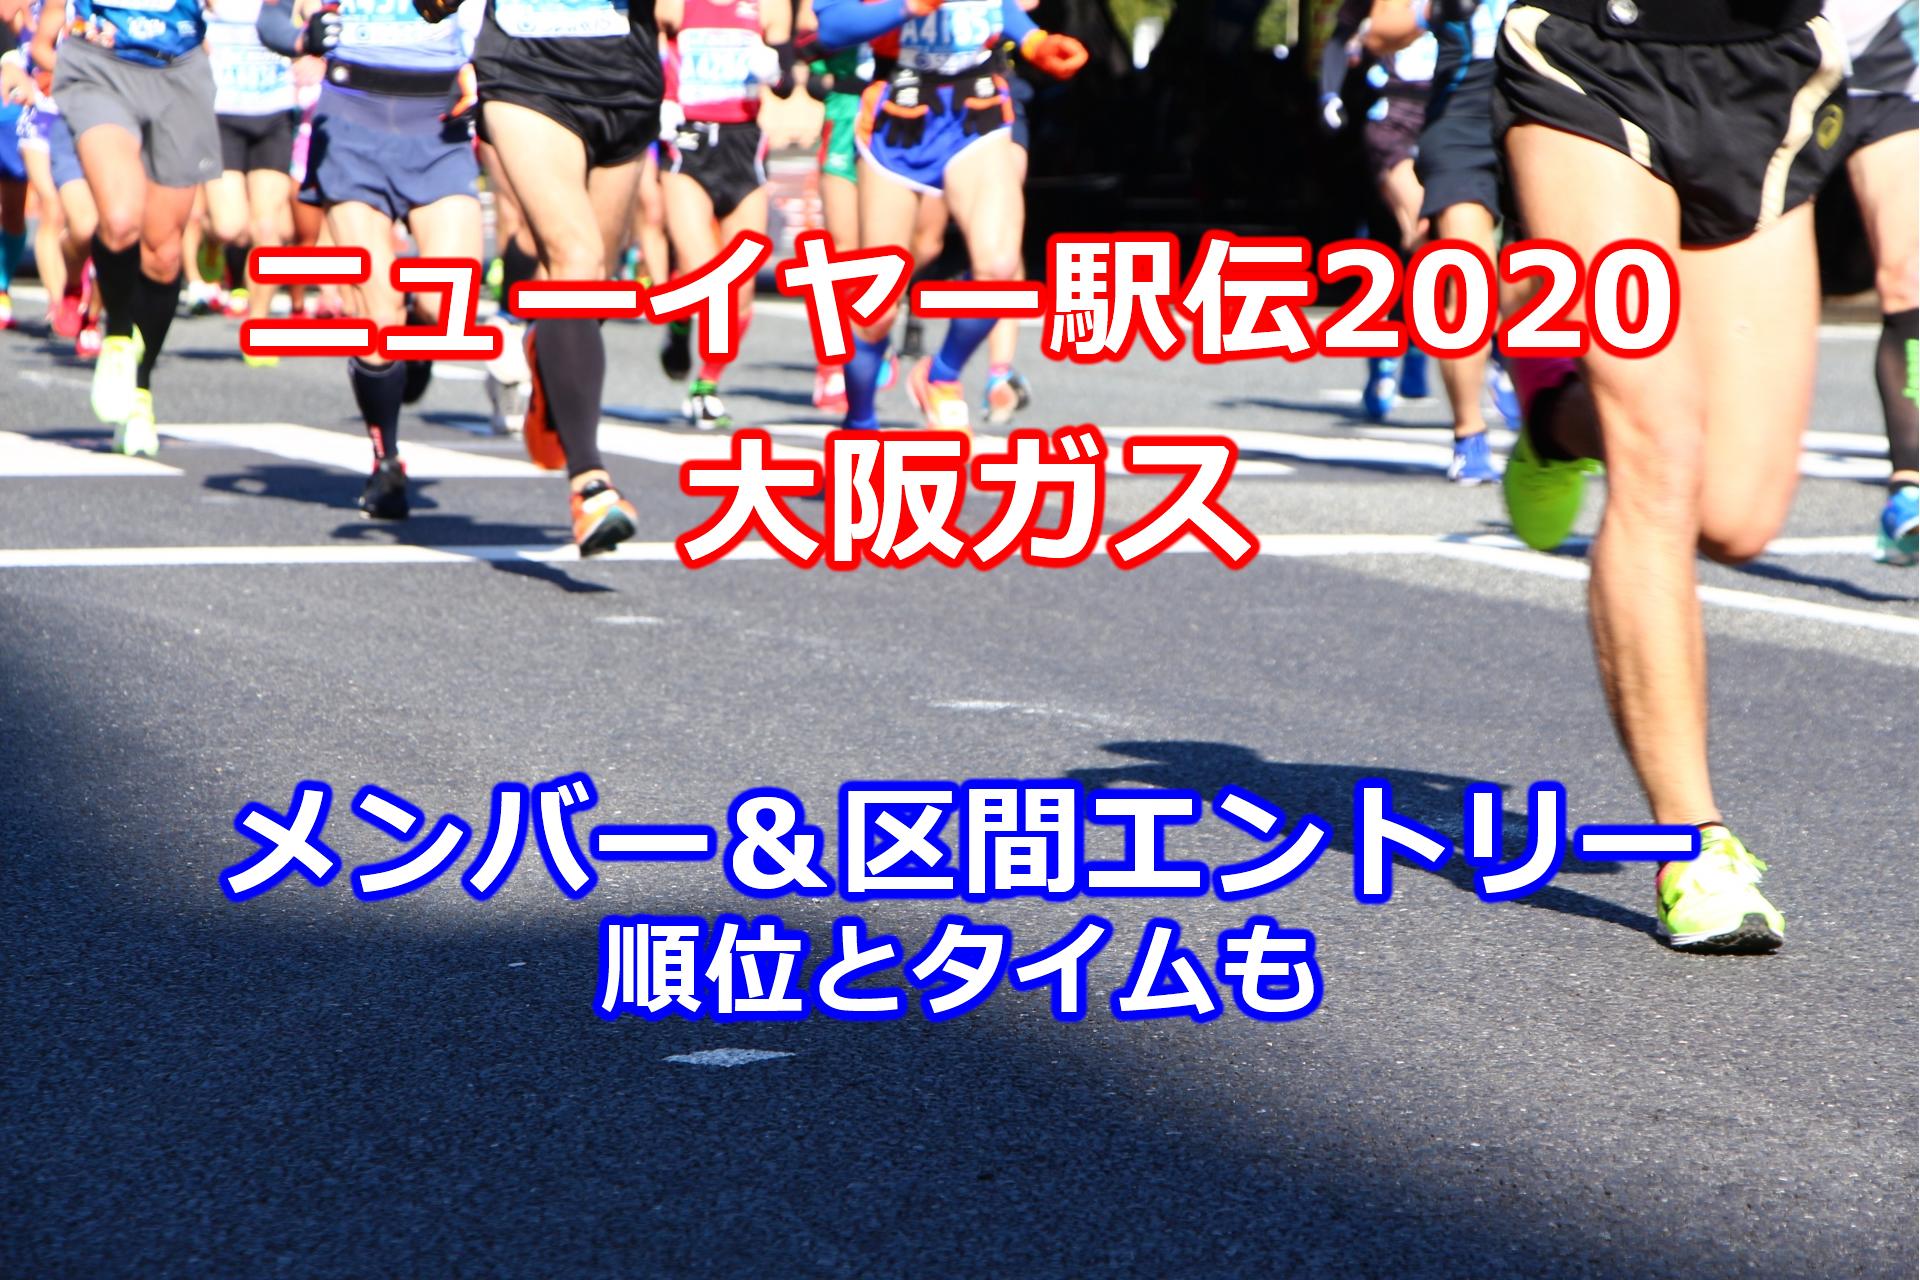 ニューイヤー駅伝2020大阪ガスメンバー・区間エントリー・結果・順位・タイムまとめ